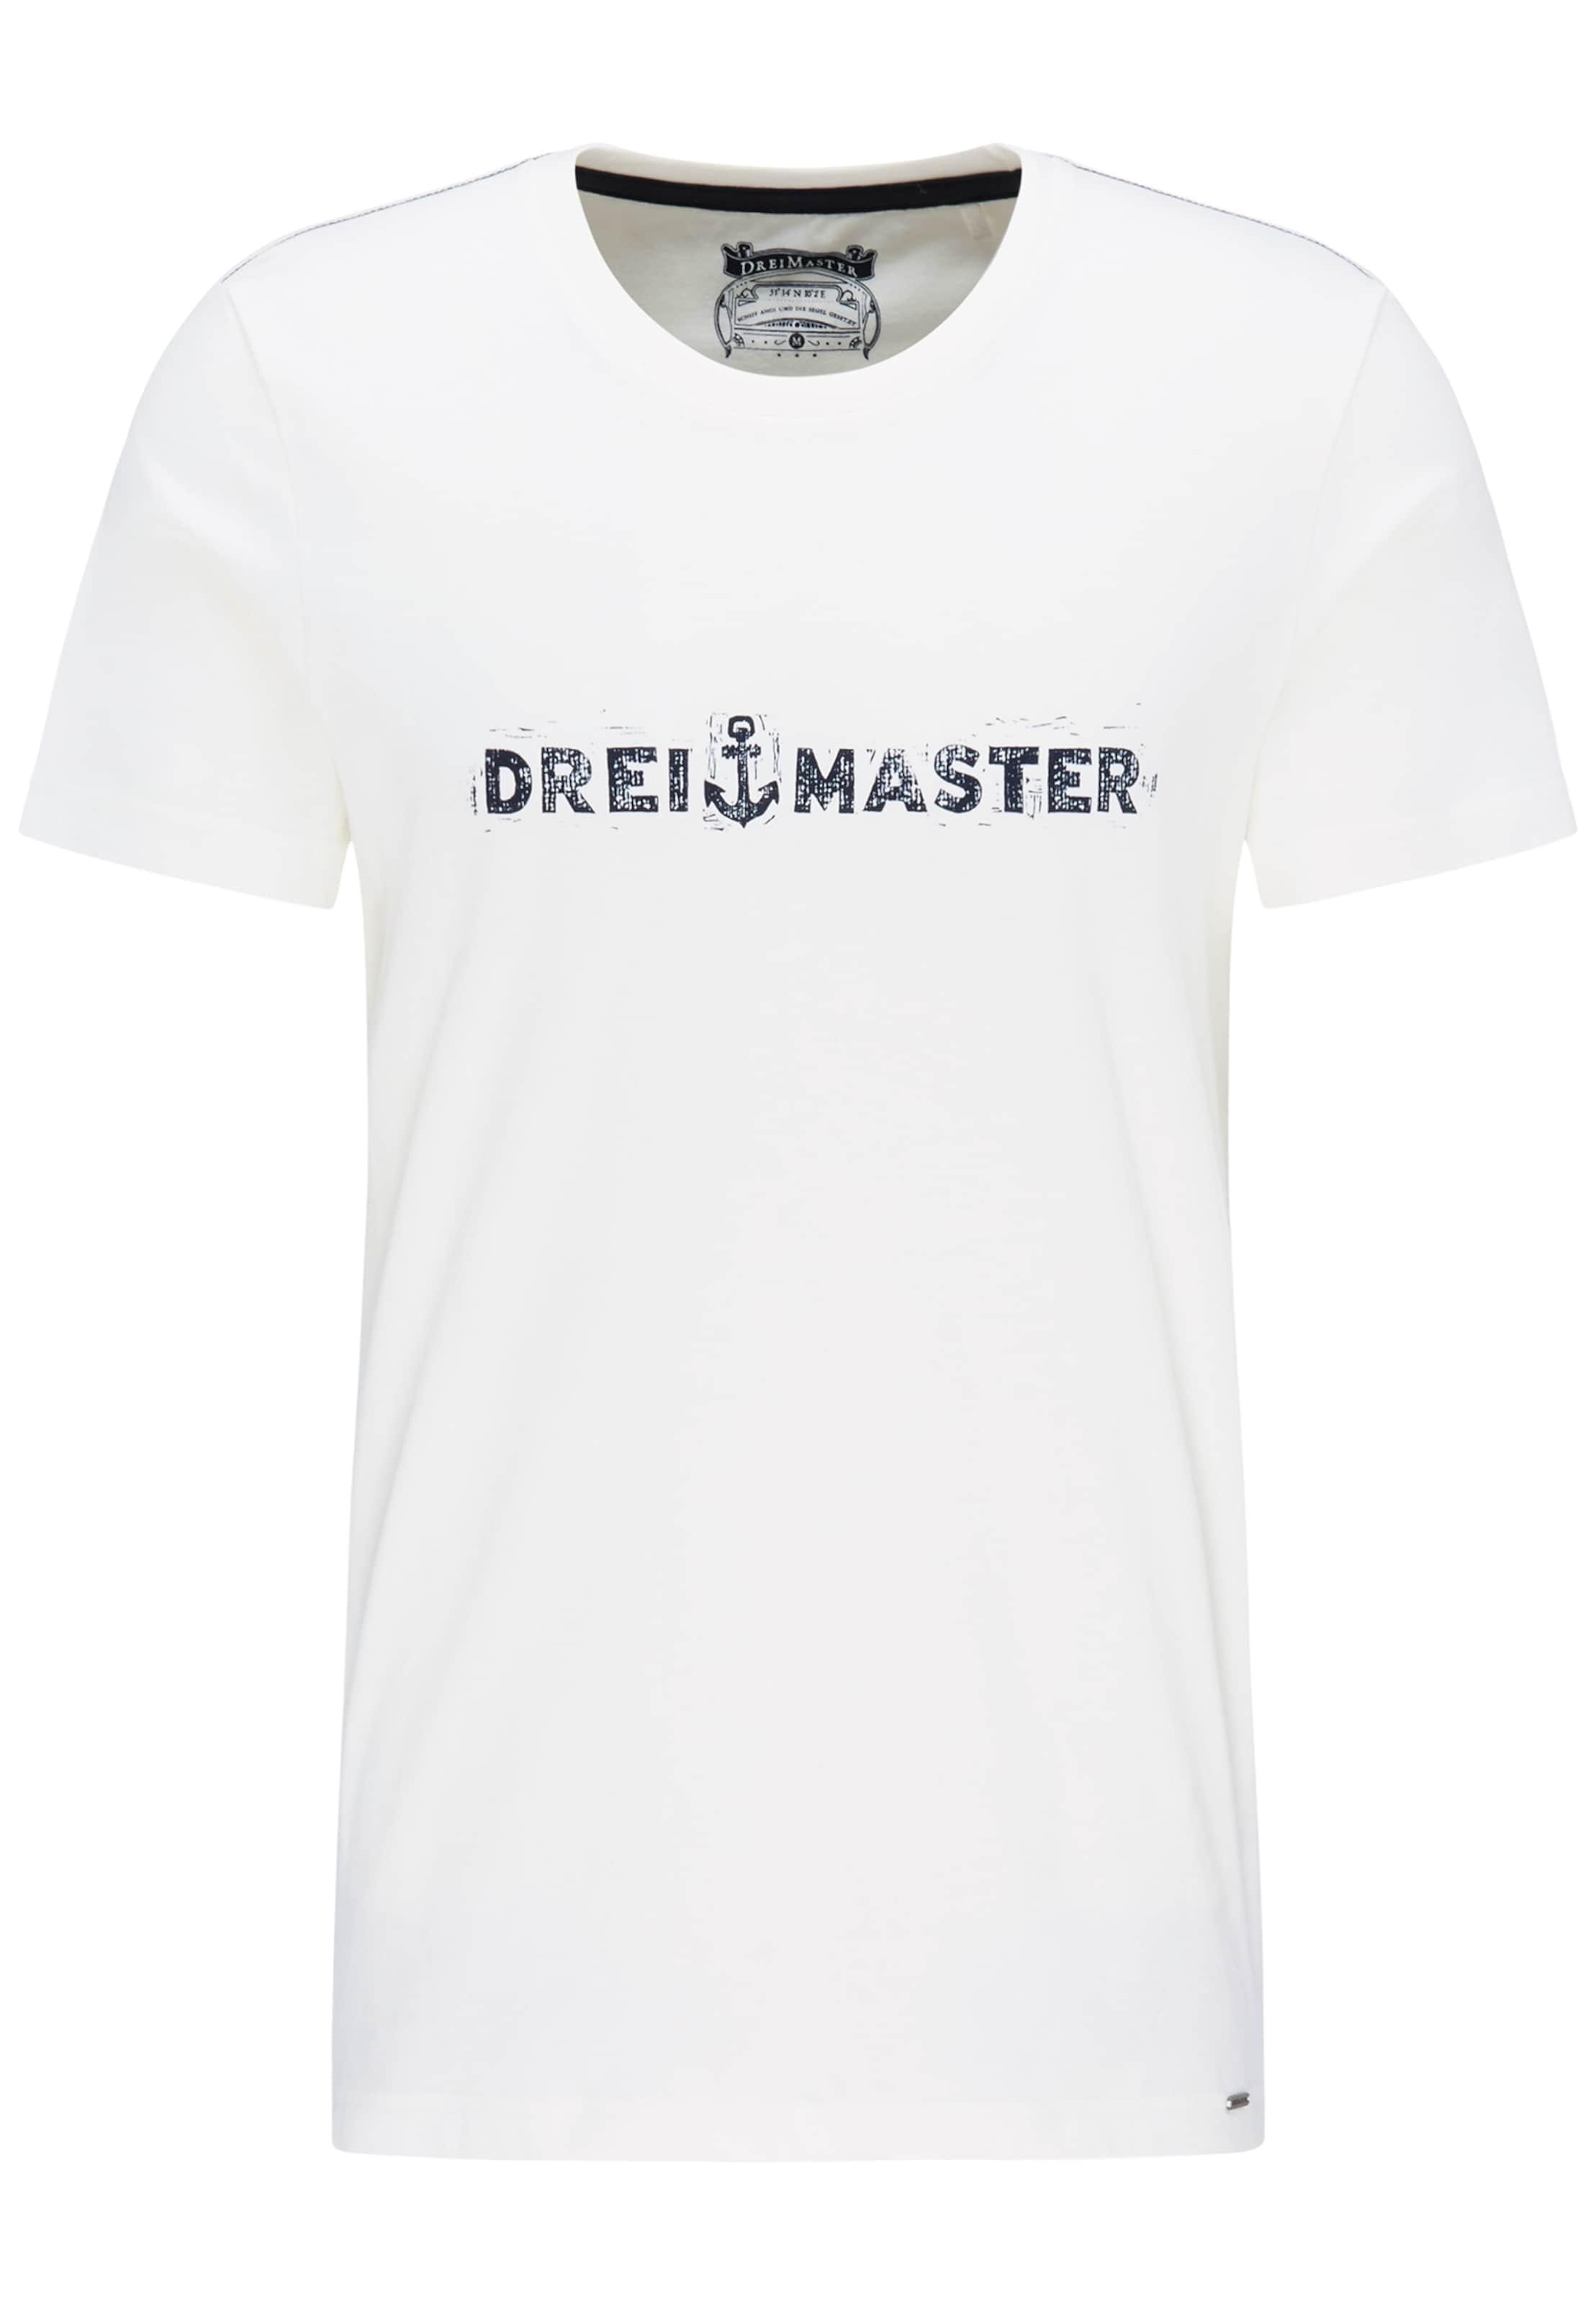 T En Dreimaster shirt Dreimaster NoirBlanc Aq34j5cRL